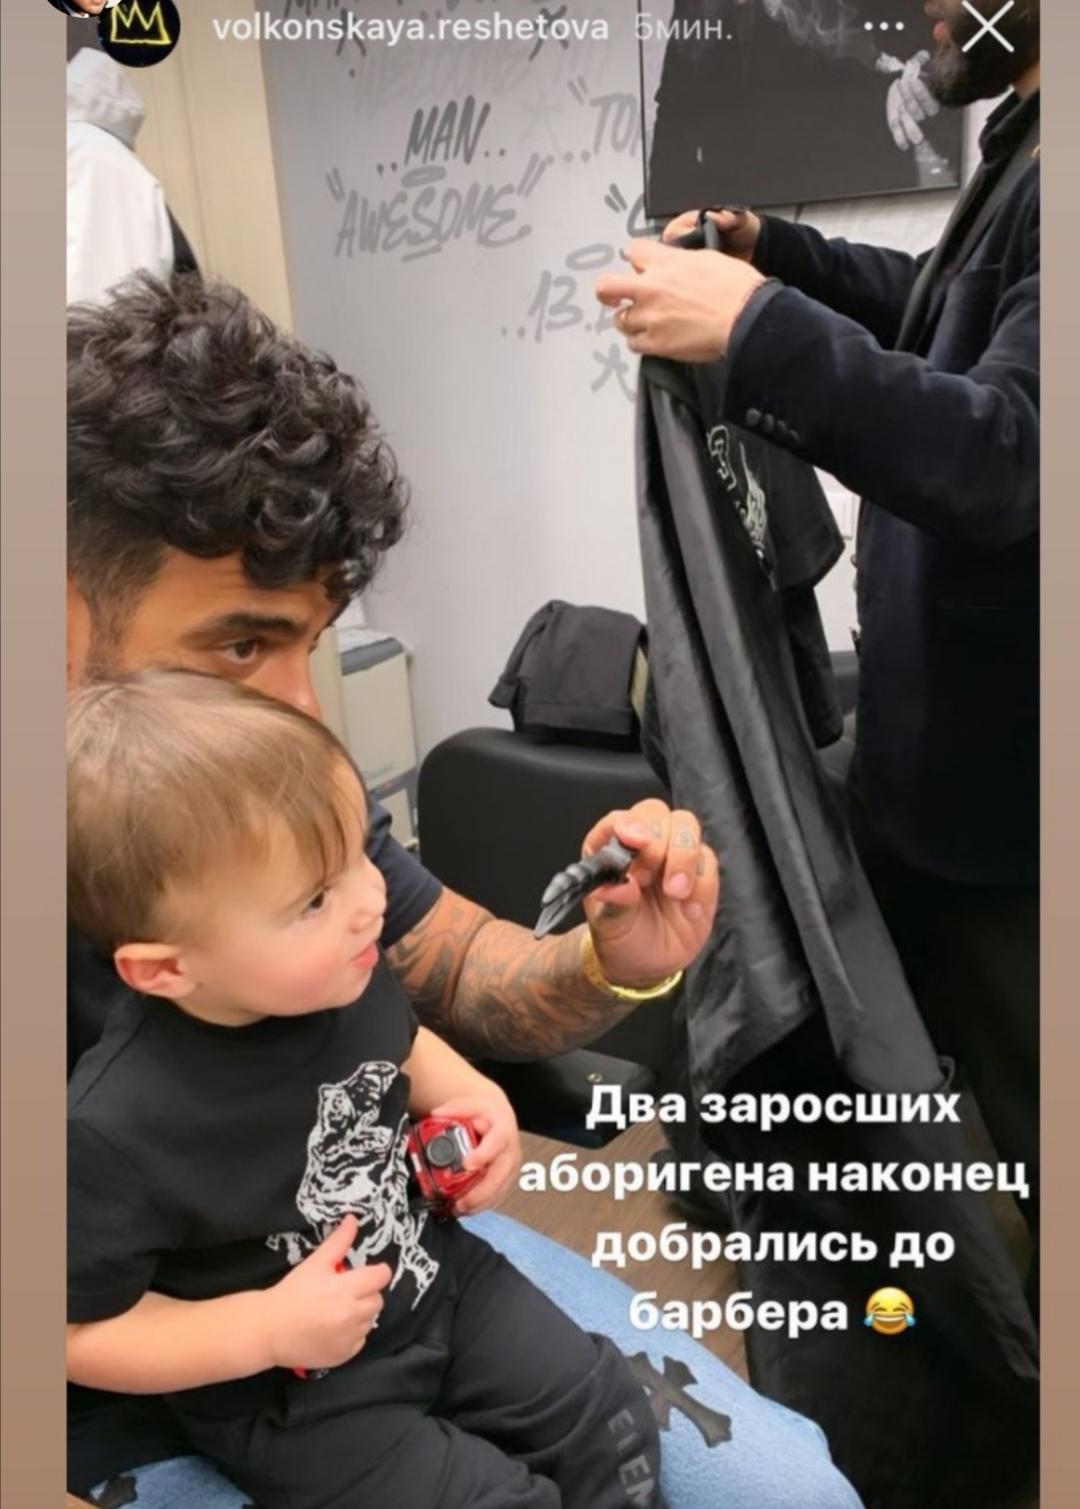 """""""Заросший абориген"""": Анастасия Решетова нелестно высказалась о Тимати и своем сыне"""